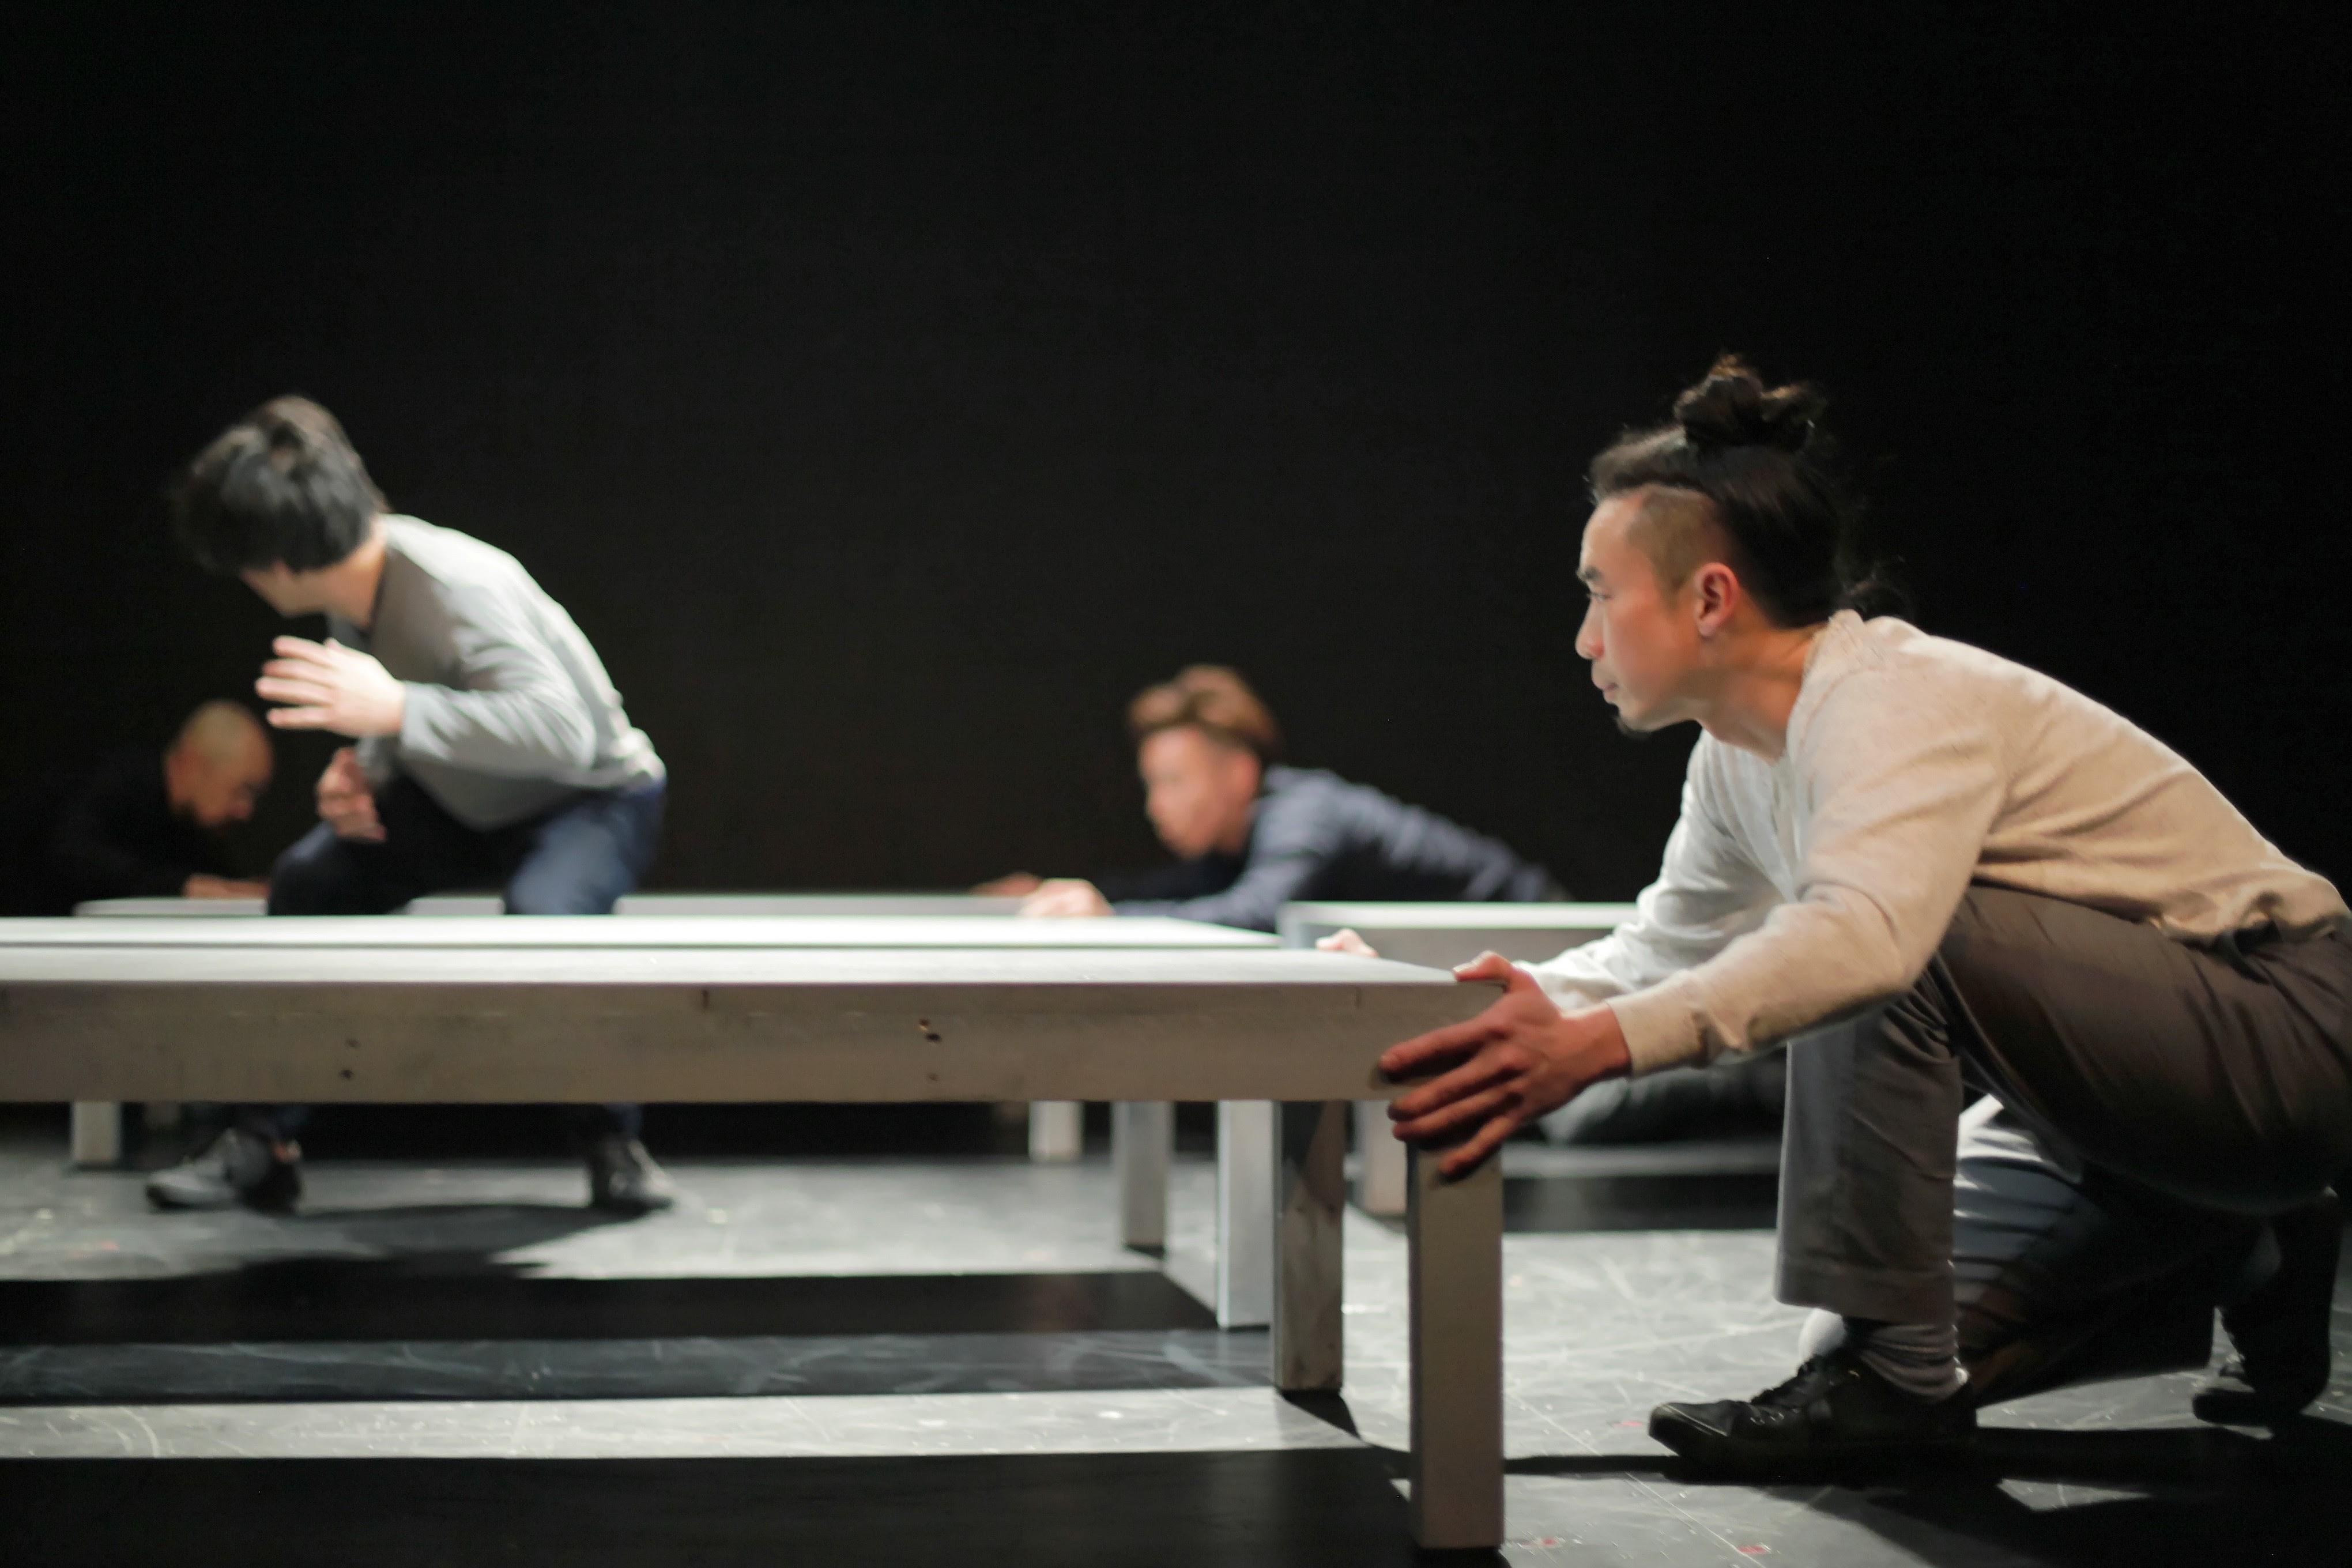 サファリ・P 第2回公演『悪童日記』(アトリエ劇研、2017) 撮影:堀川高(kutowans studio)